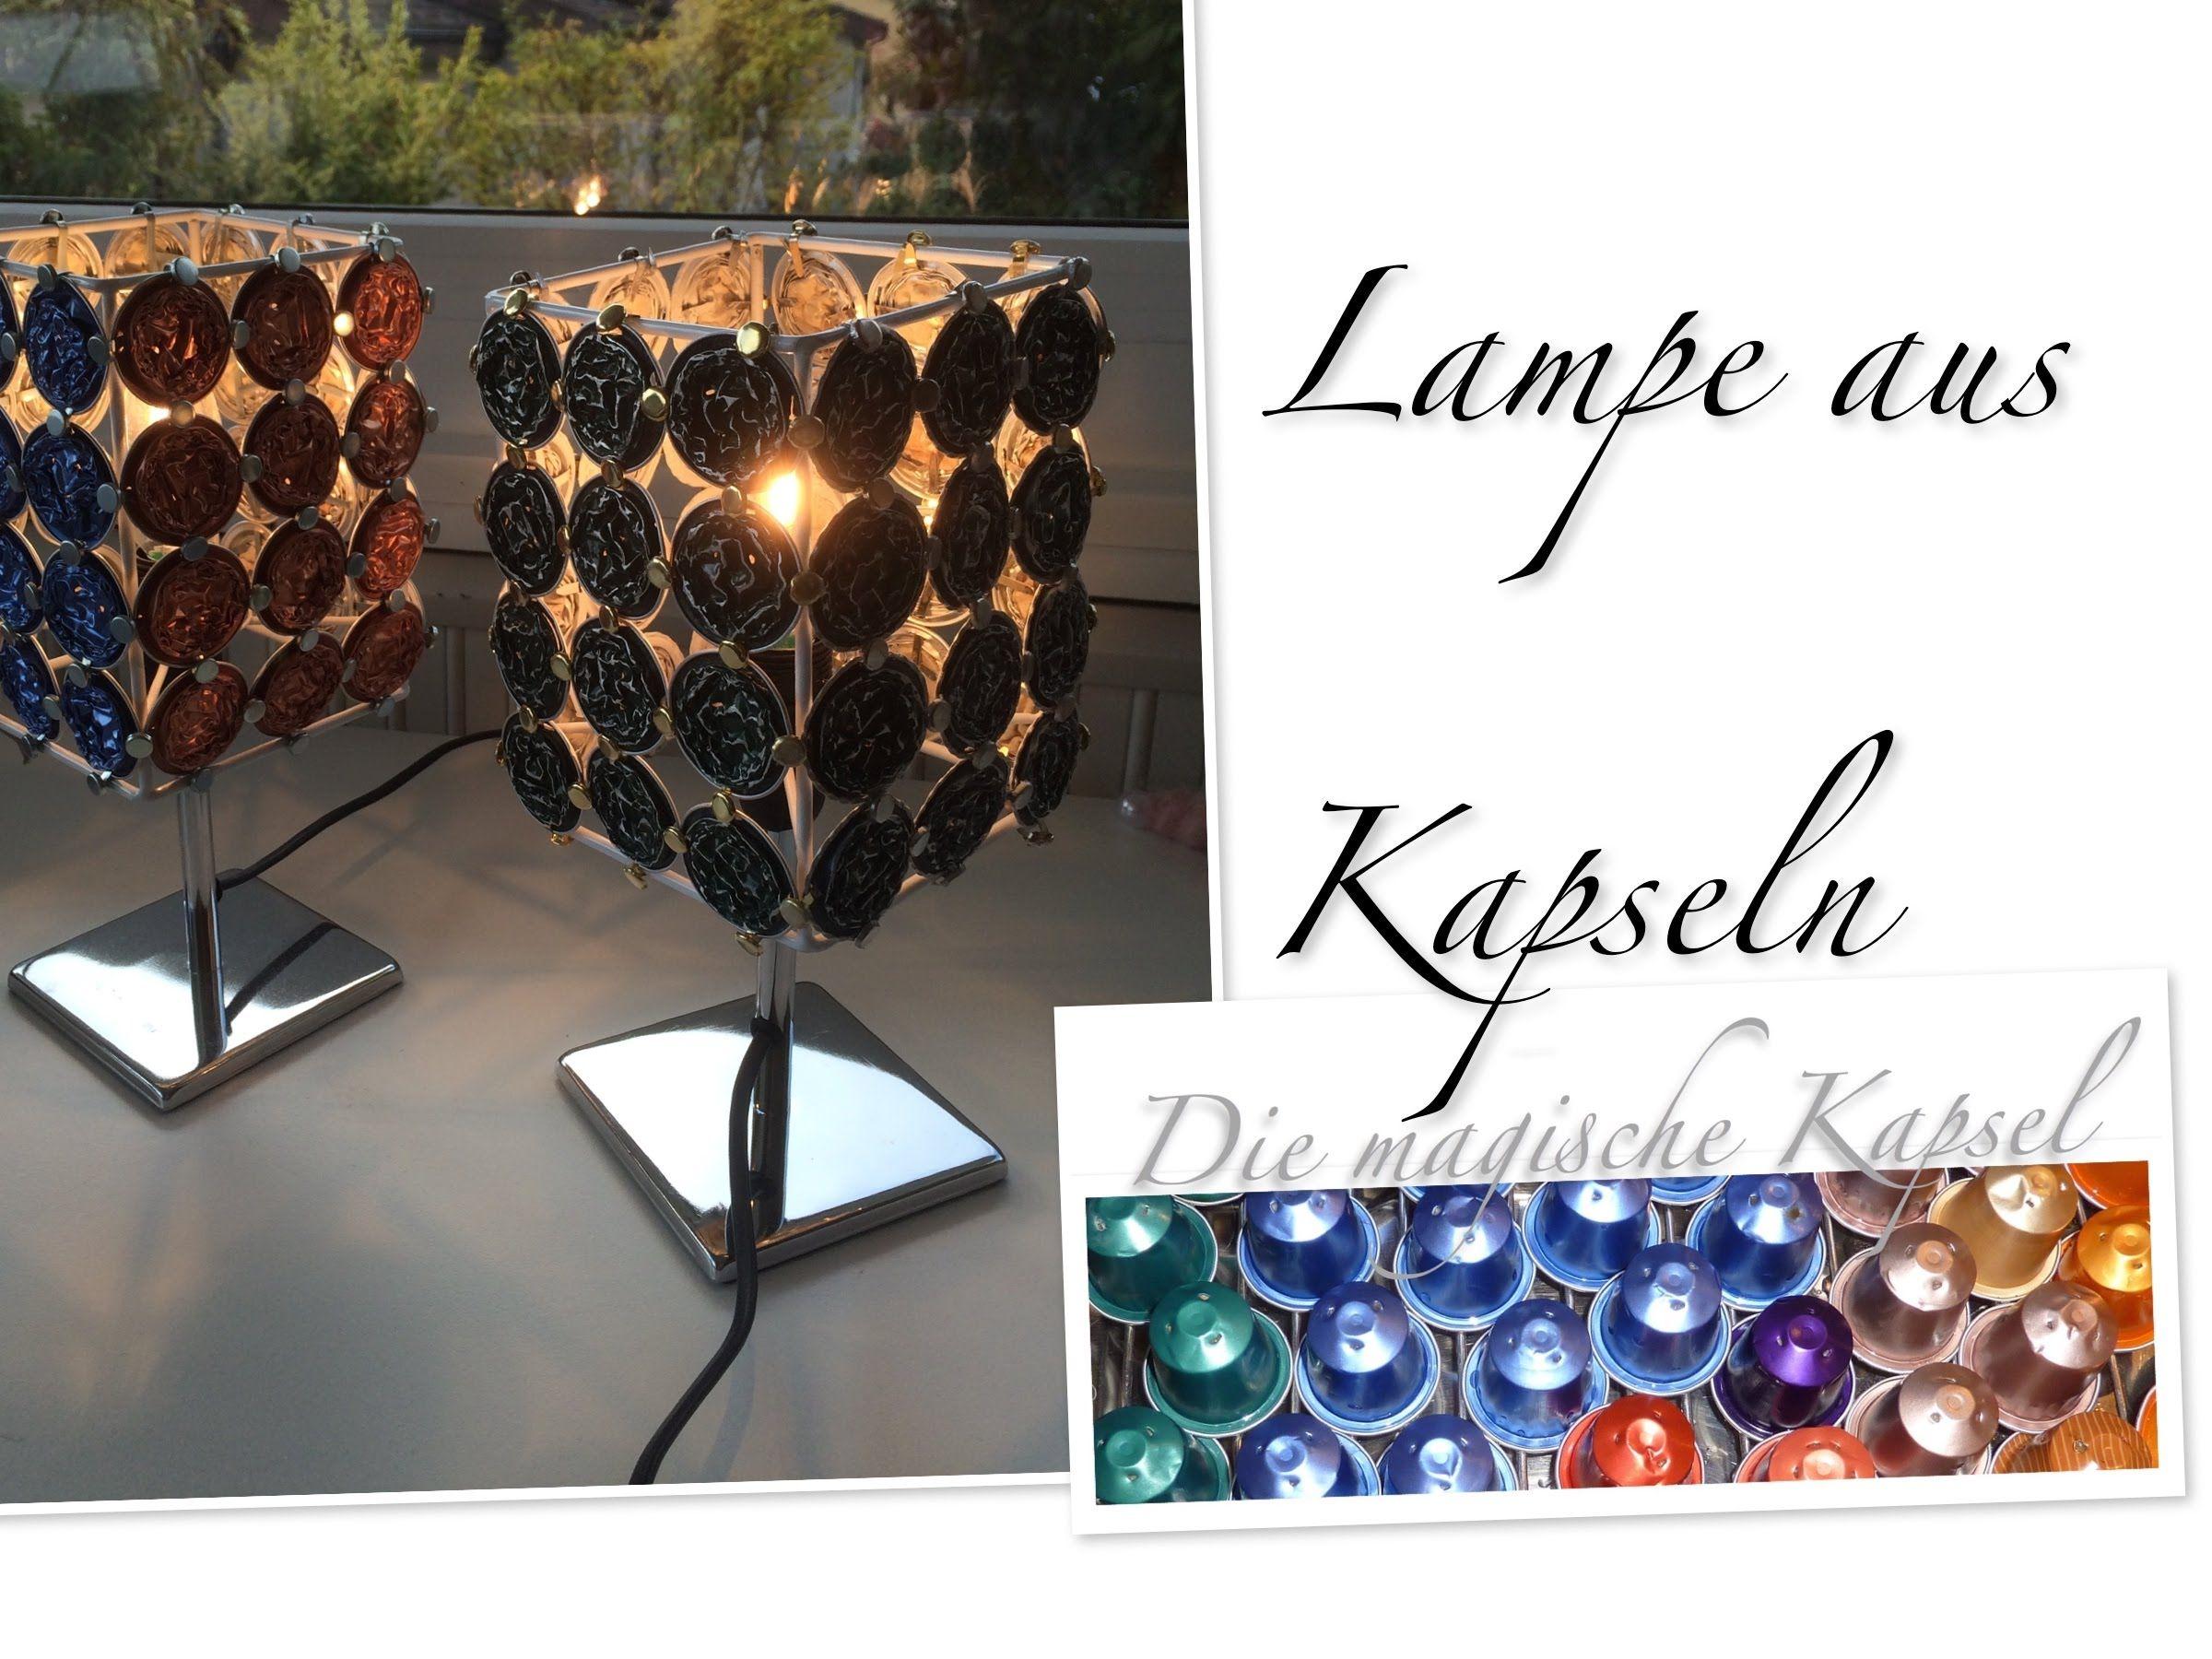 nespresso deko schmuck anleitung lampe aus kapseln die magische k basteln. Black Bedroom Furniture Sets. Home Design Ideas